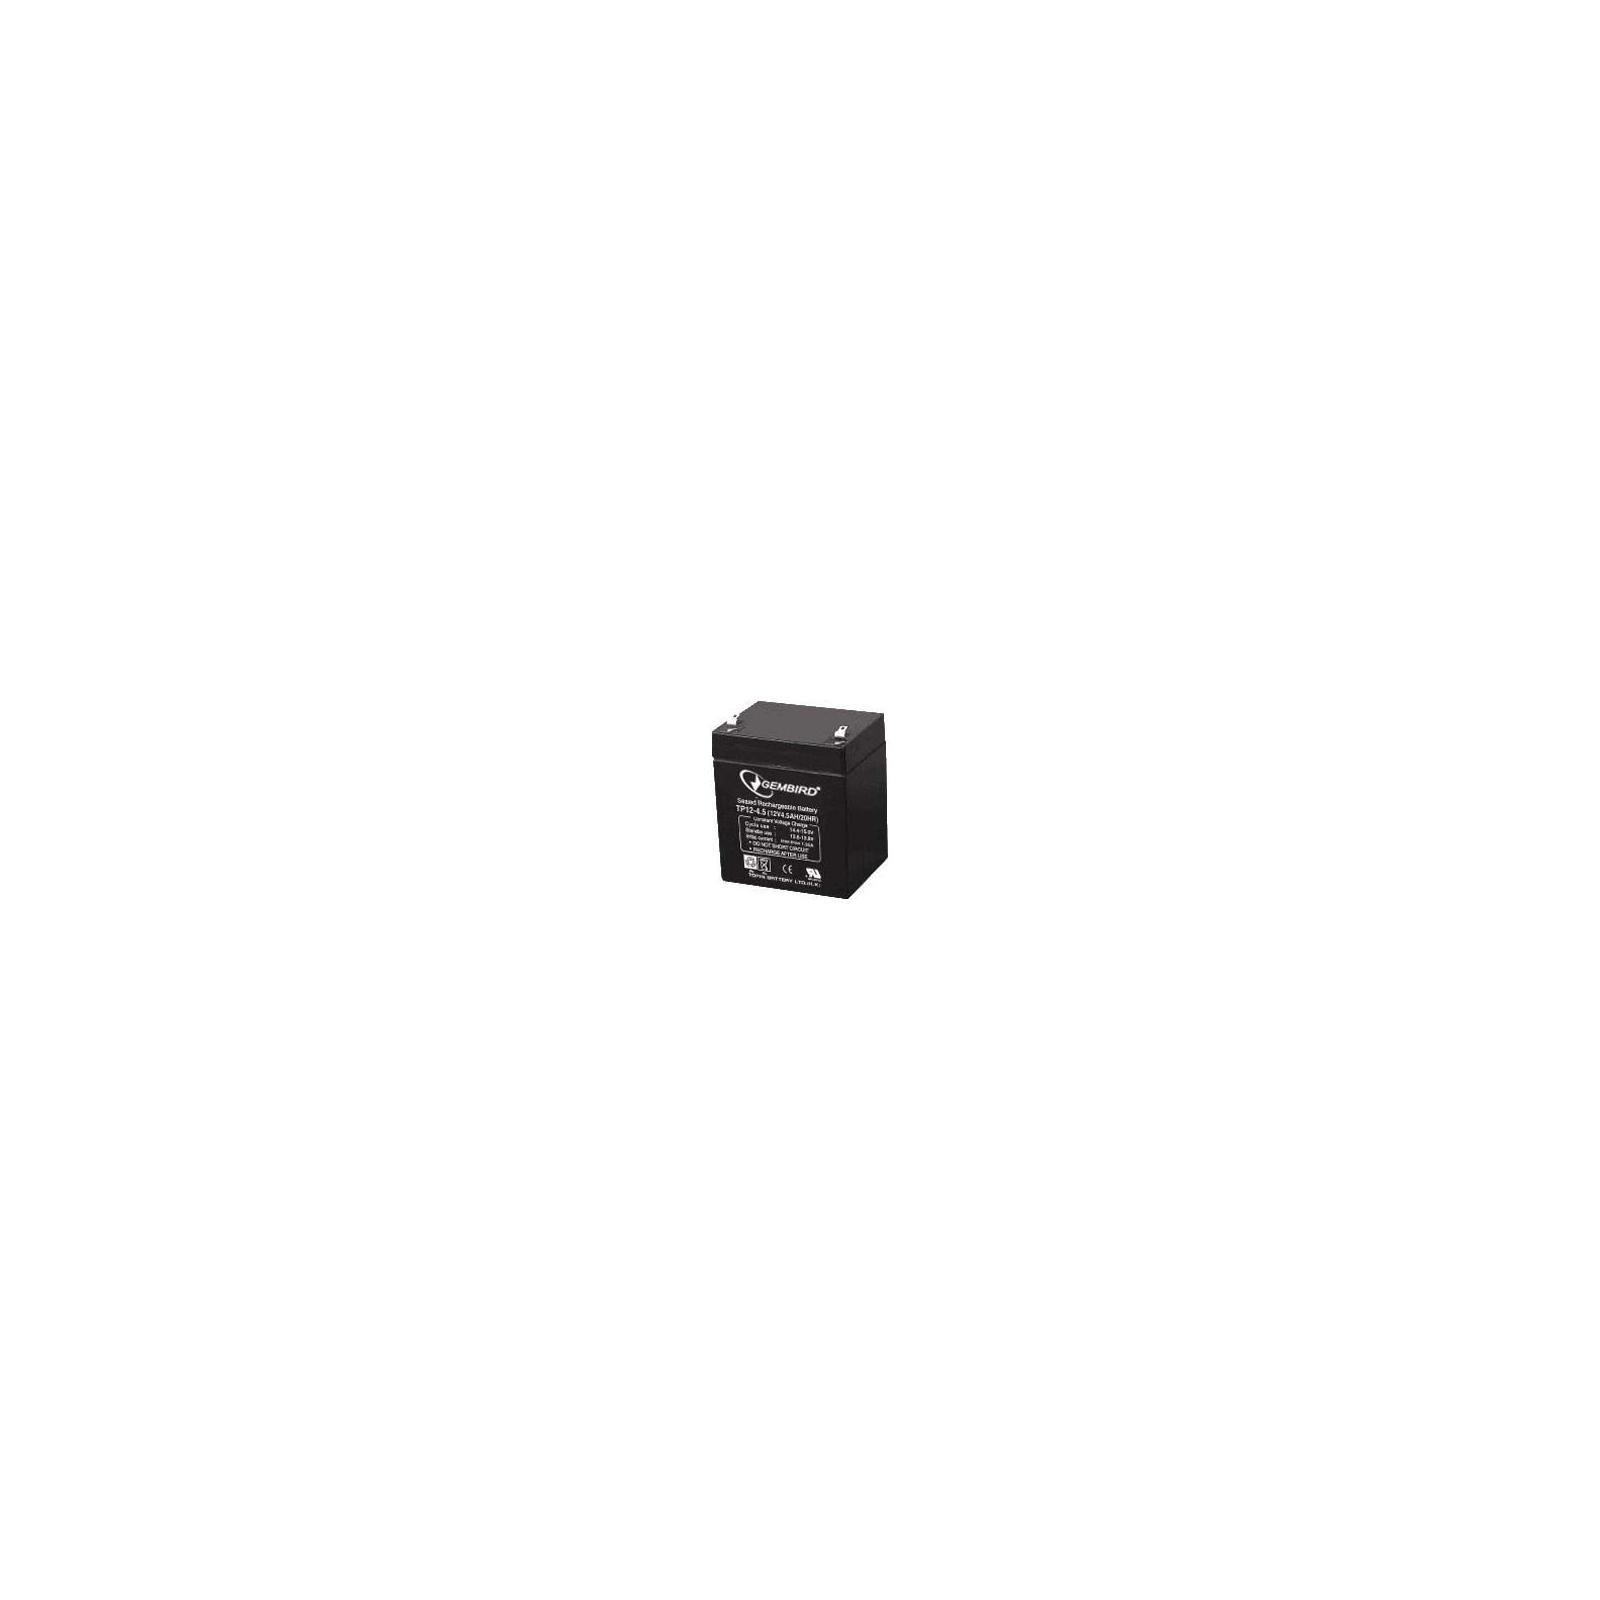 Батарея к ИБП 12В 4,5 Ач GEMBIRD (BAT-12V4.5AH)